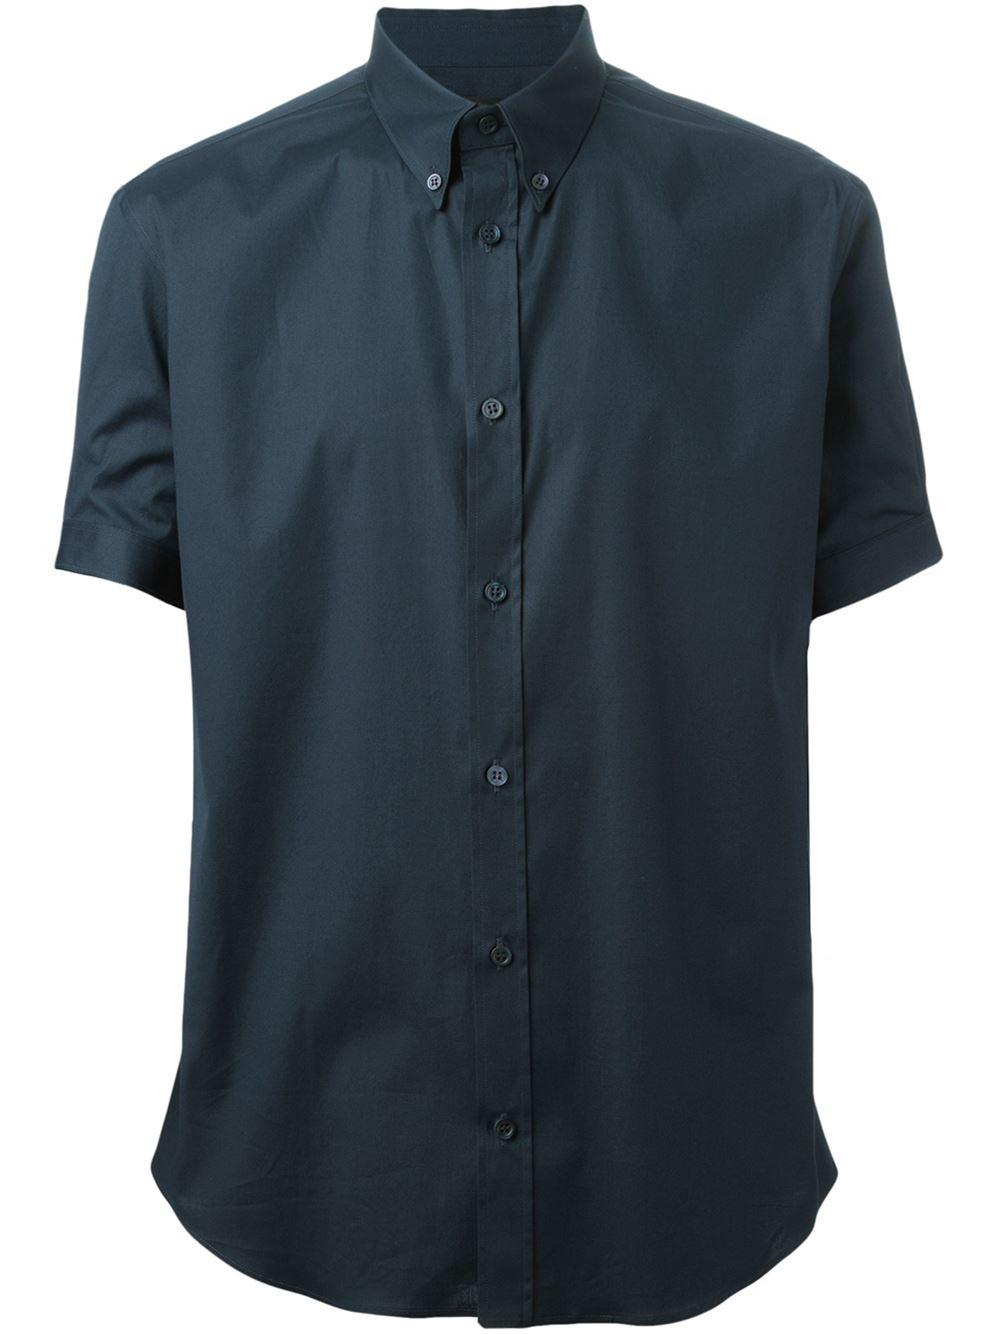 Alexander mcqueen button down shirt in blue for men lyst for Alexander mcqueen shirt men